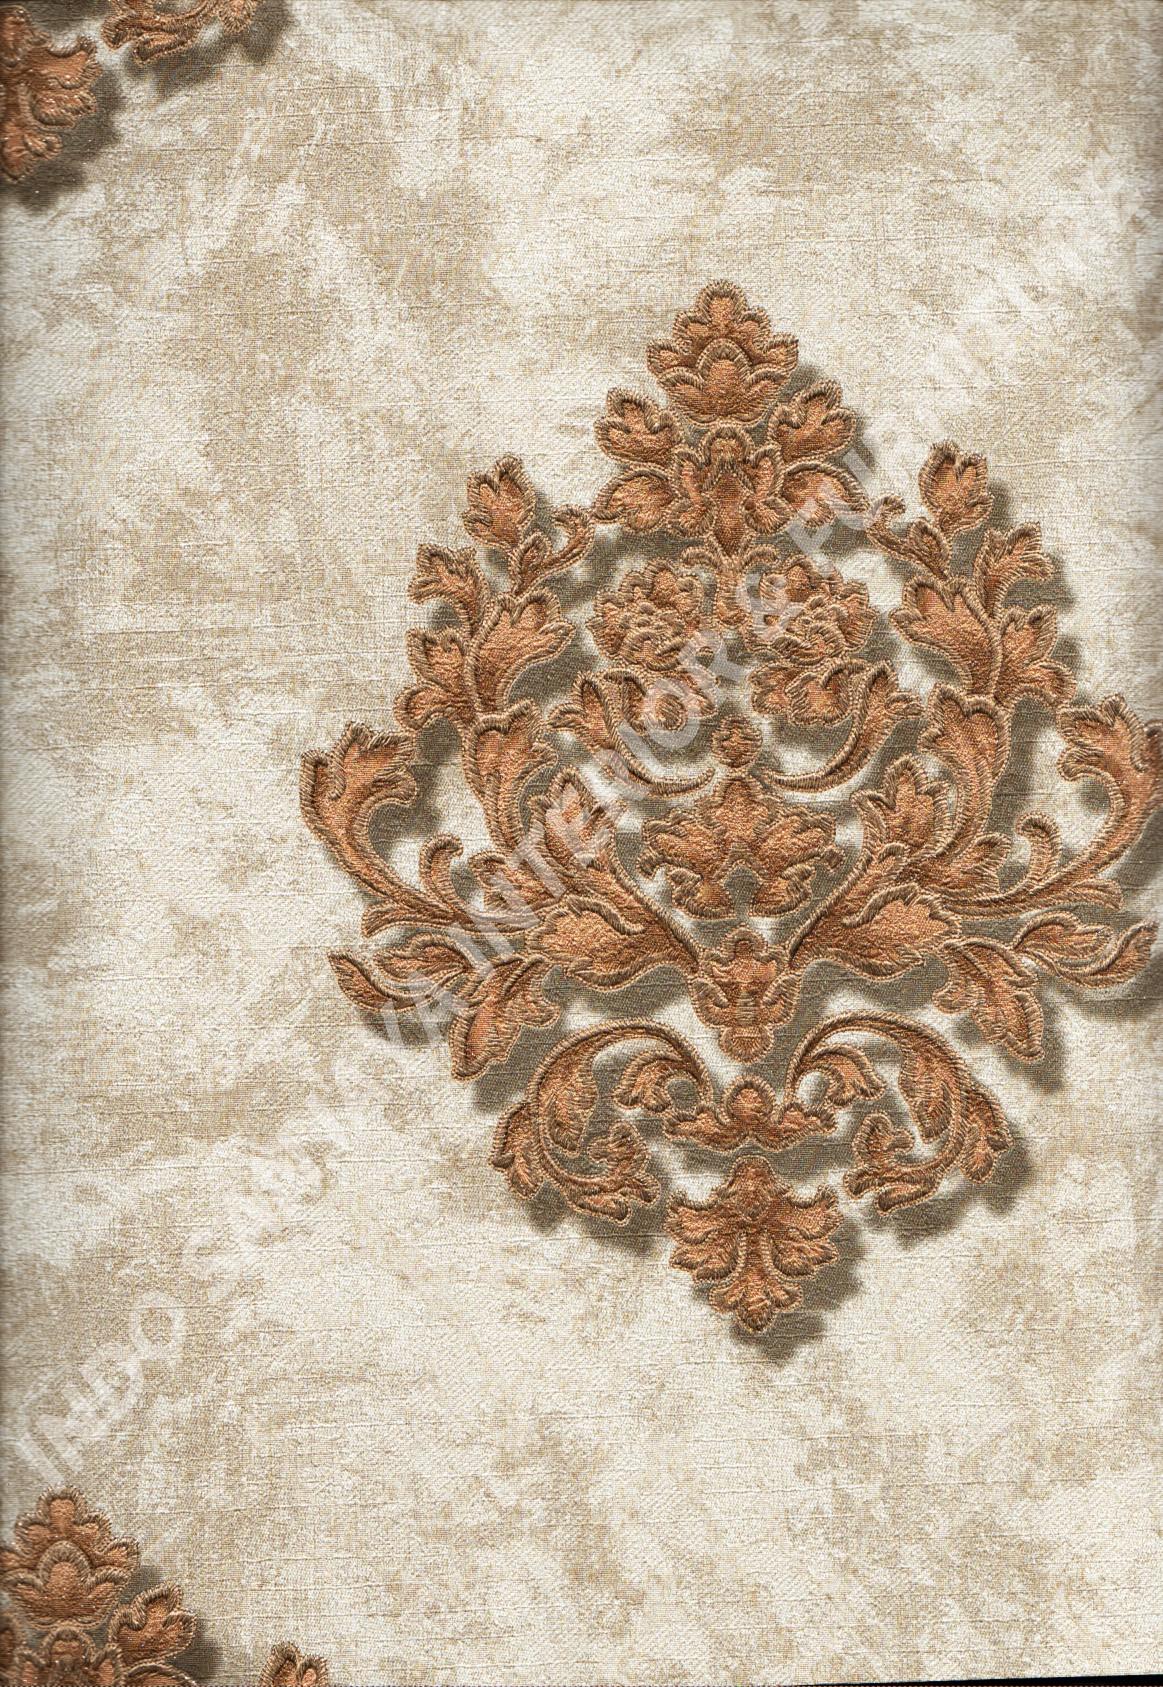 wallpaper   Wallpaper Klasik Batik (Damask) 81083-4:81083-4 corak  warna